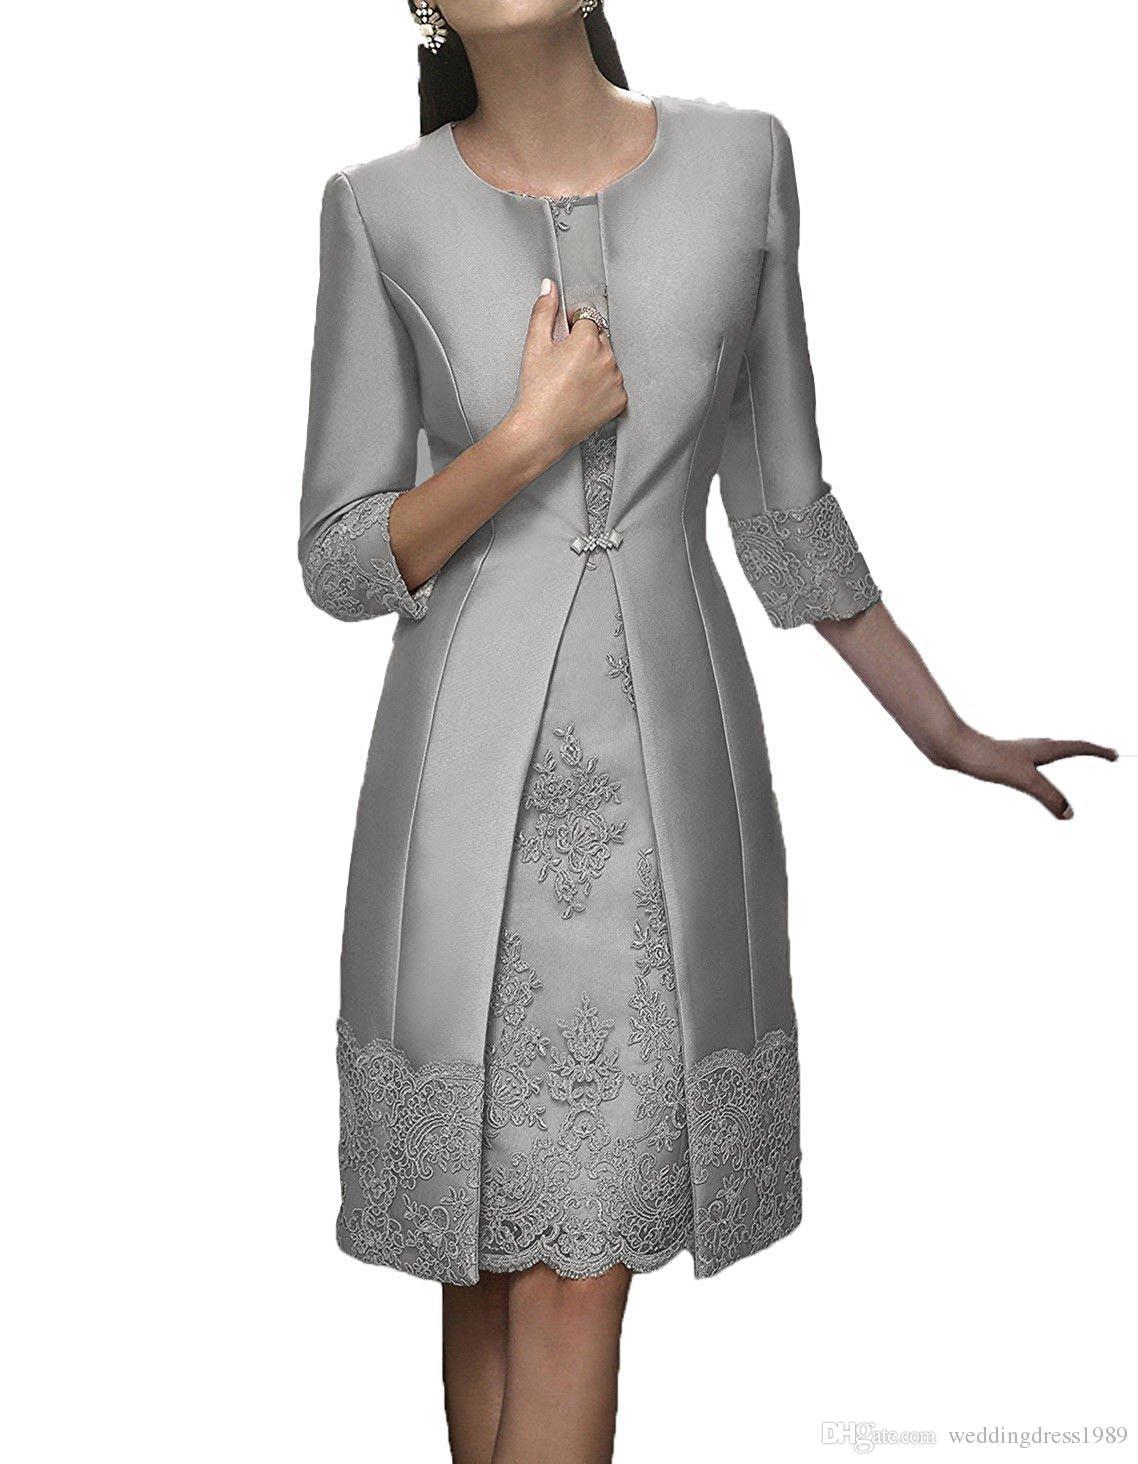 Ropa formal vaina Madre Corto elegante con los vestidos de traje huésped de la boda vestido 2018 de la madre de la novia partido del cordón de la chaqueta de raso por la noche